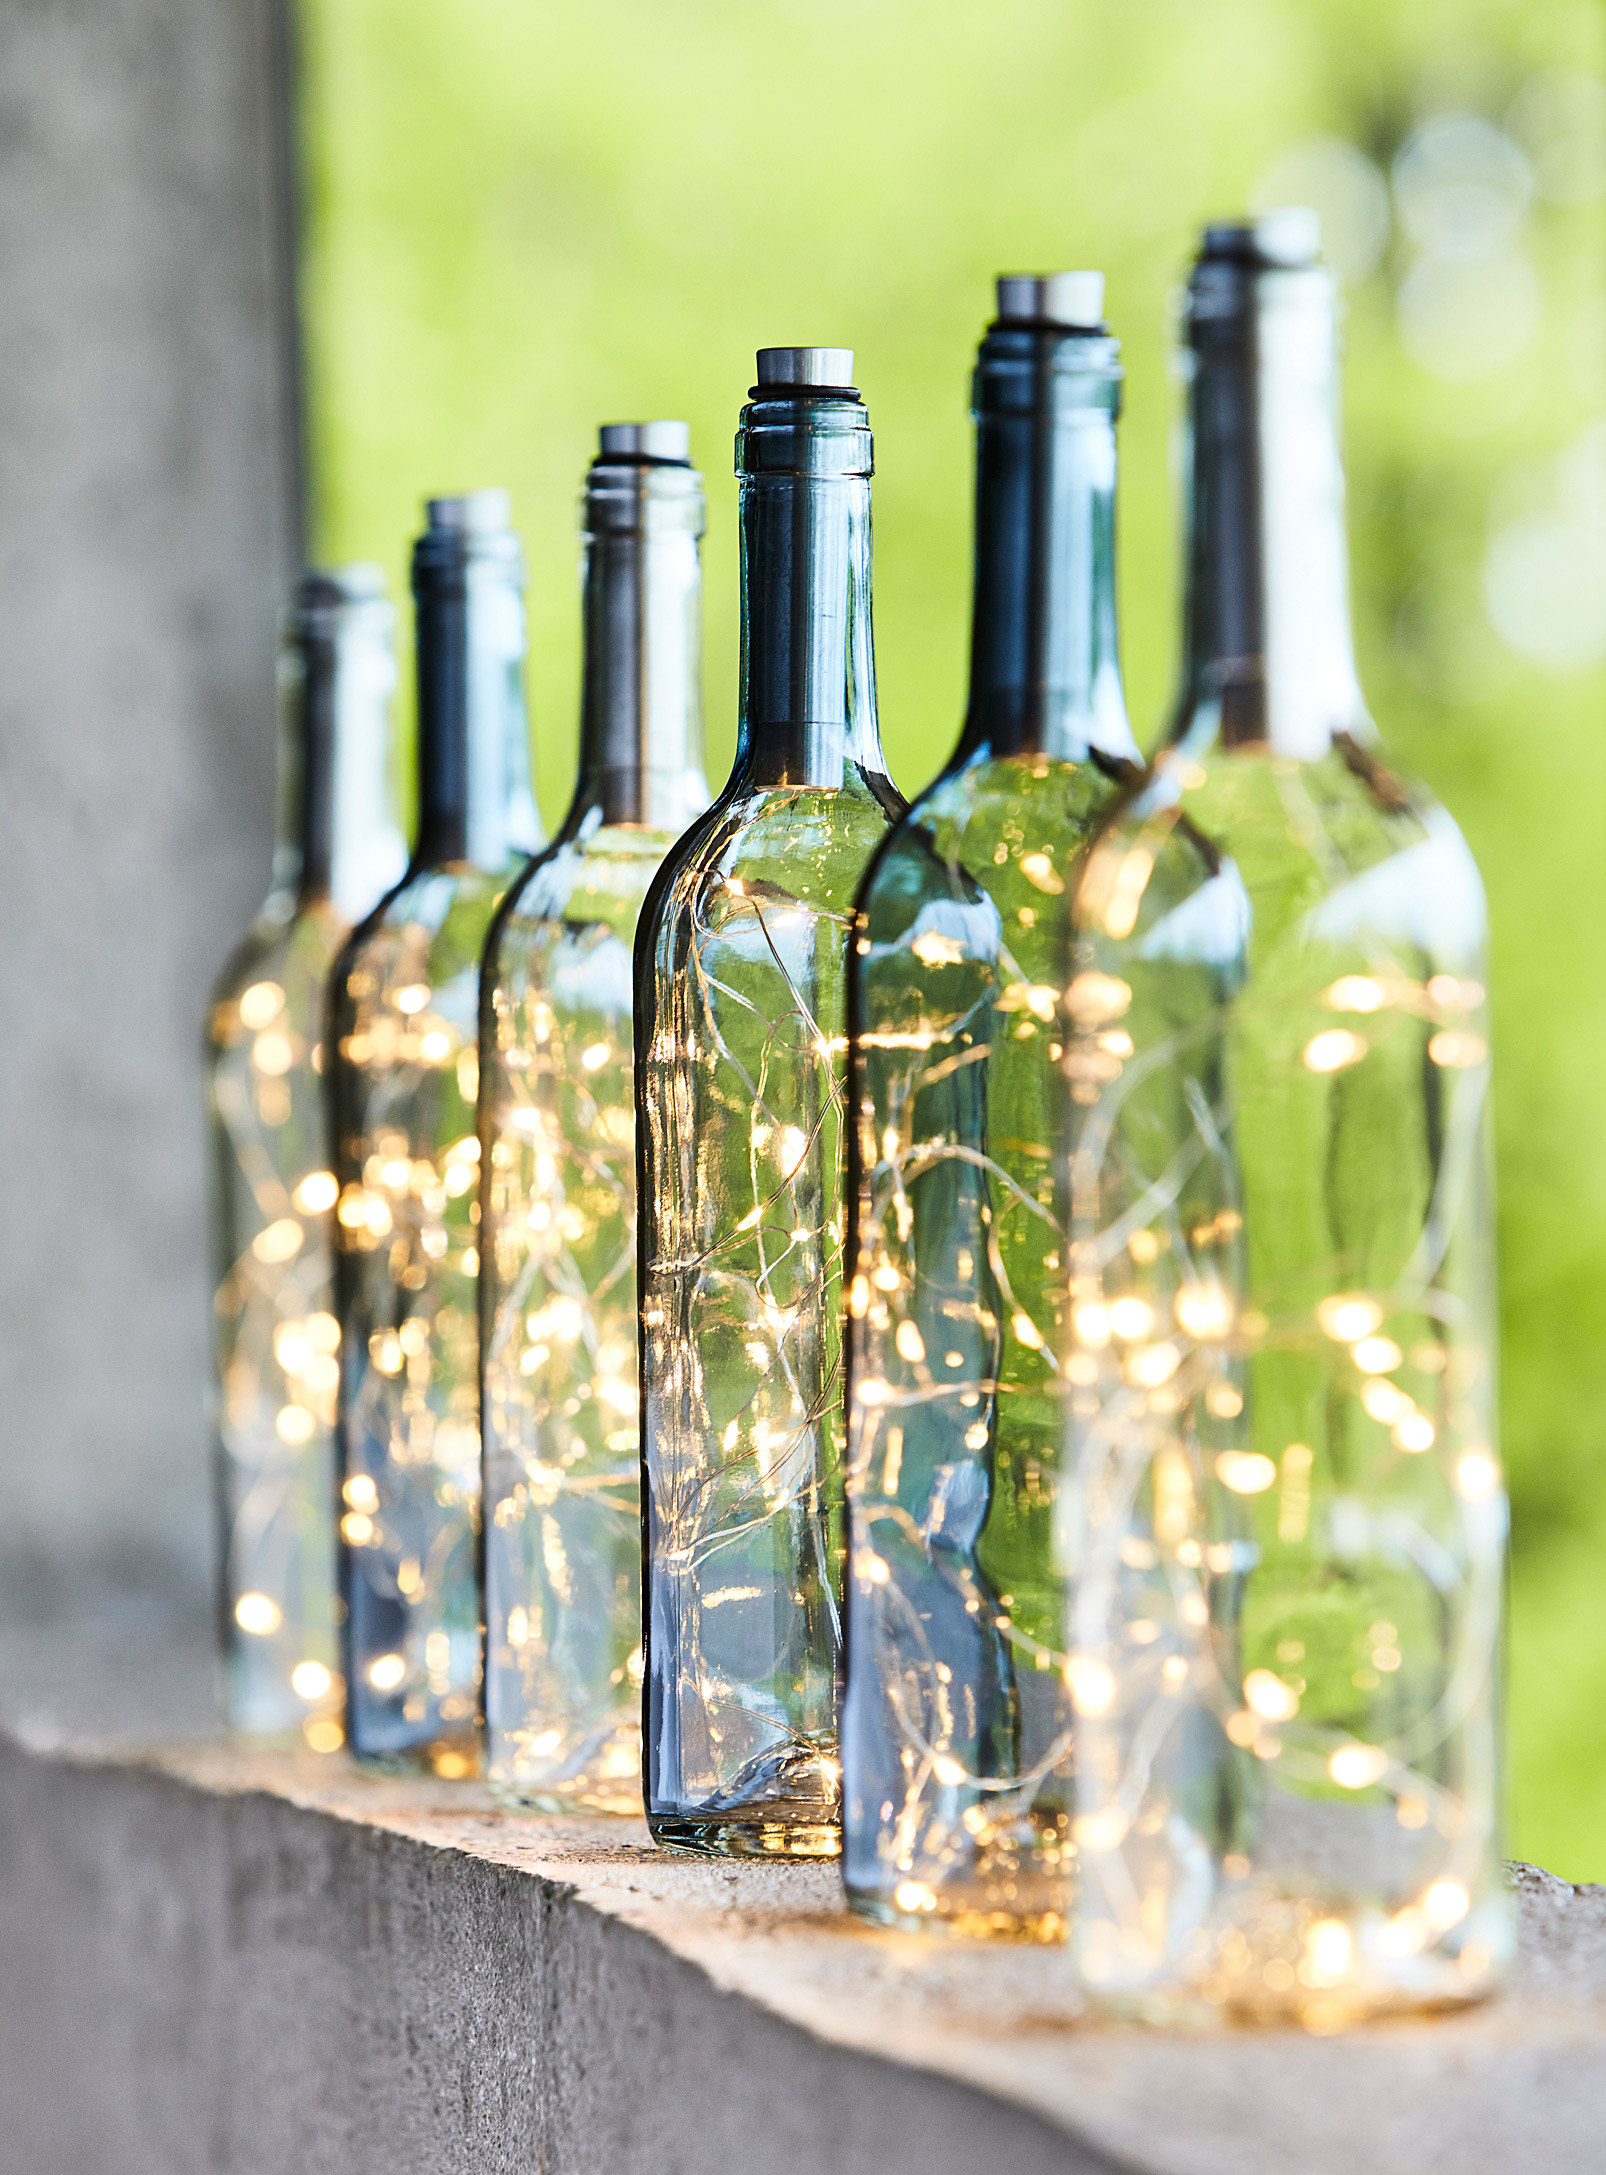 row of lantern bottles